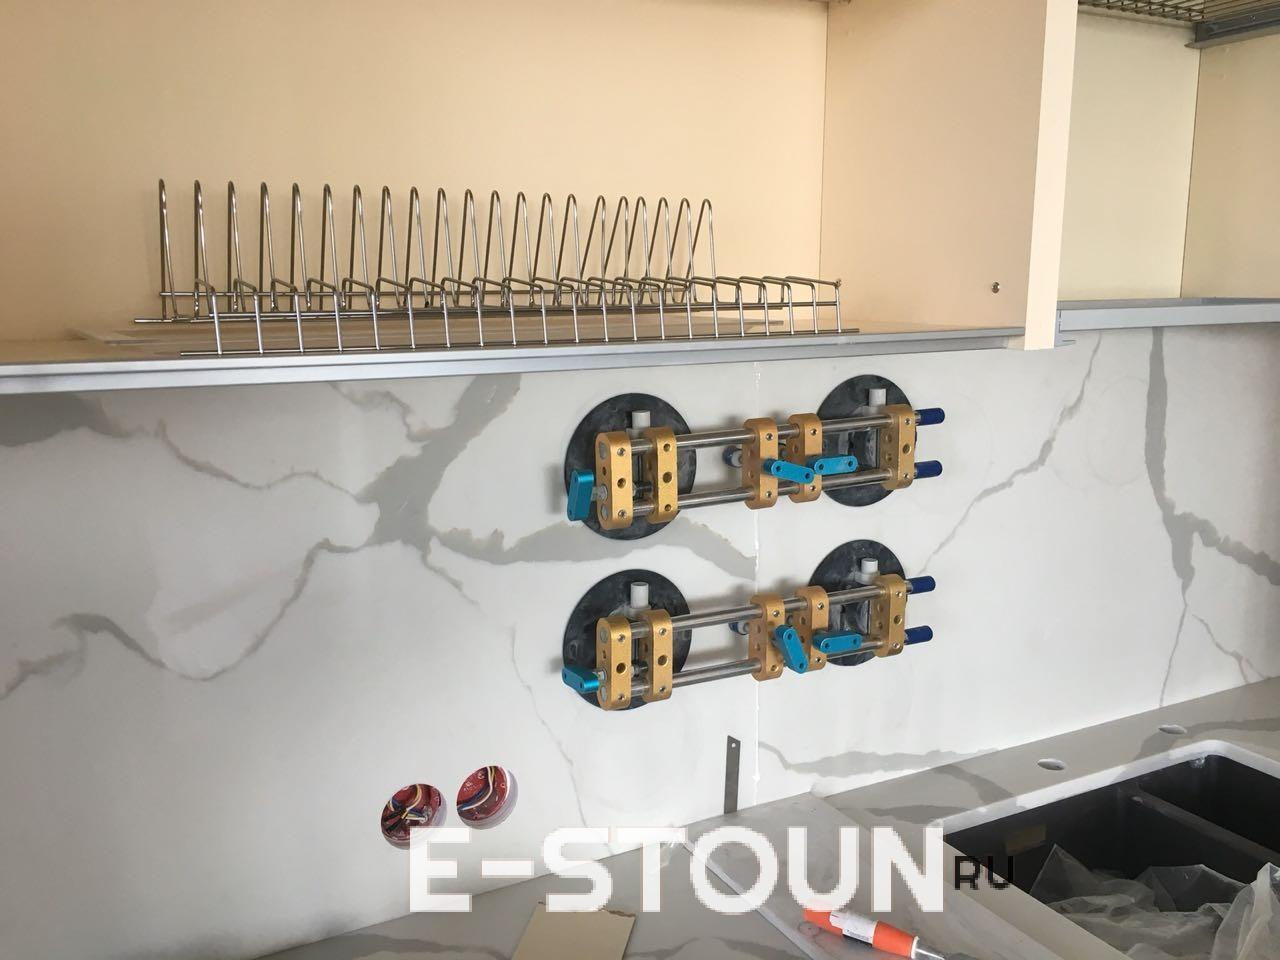 Стеновая панель из камня склеивается с помощью вакуумных стяжек: на детали нанесен клей, стяжки будут сняты, когда клей высохнет.